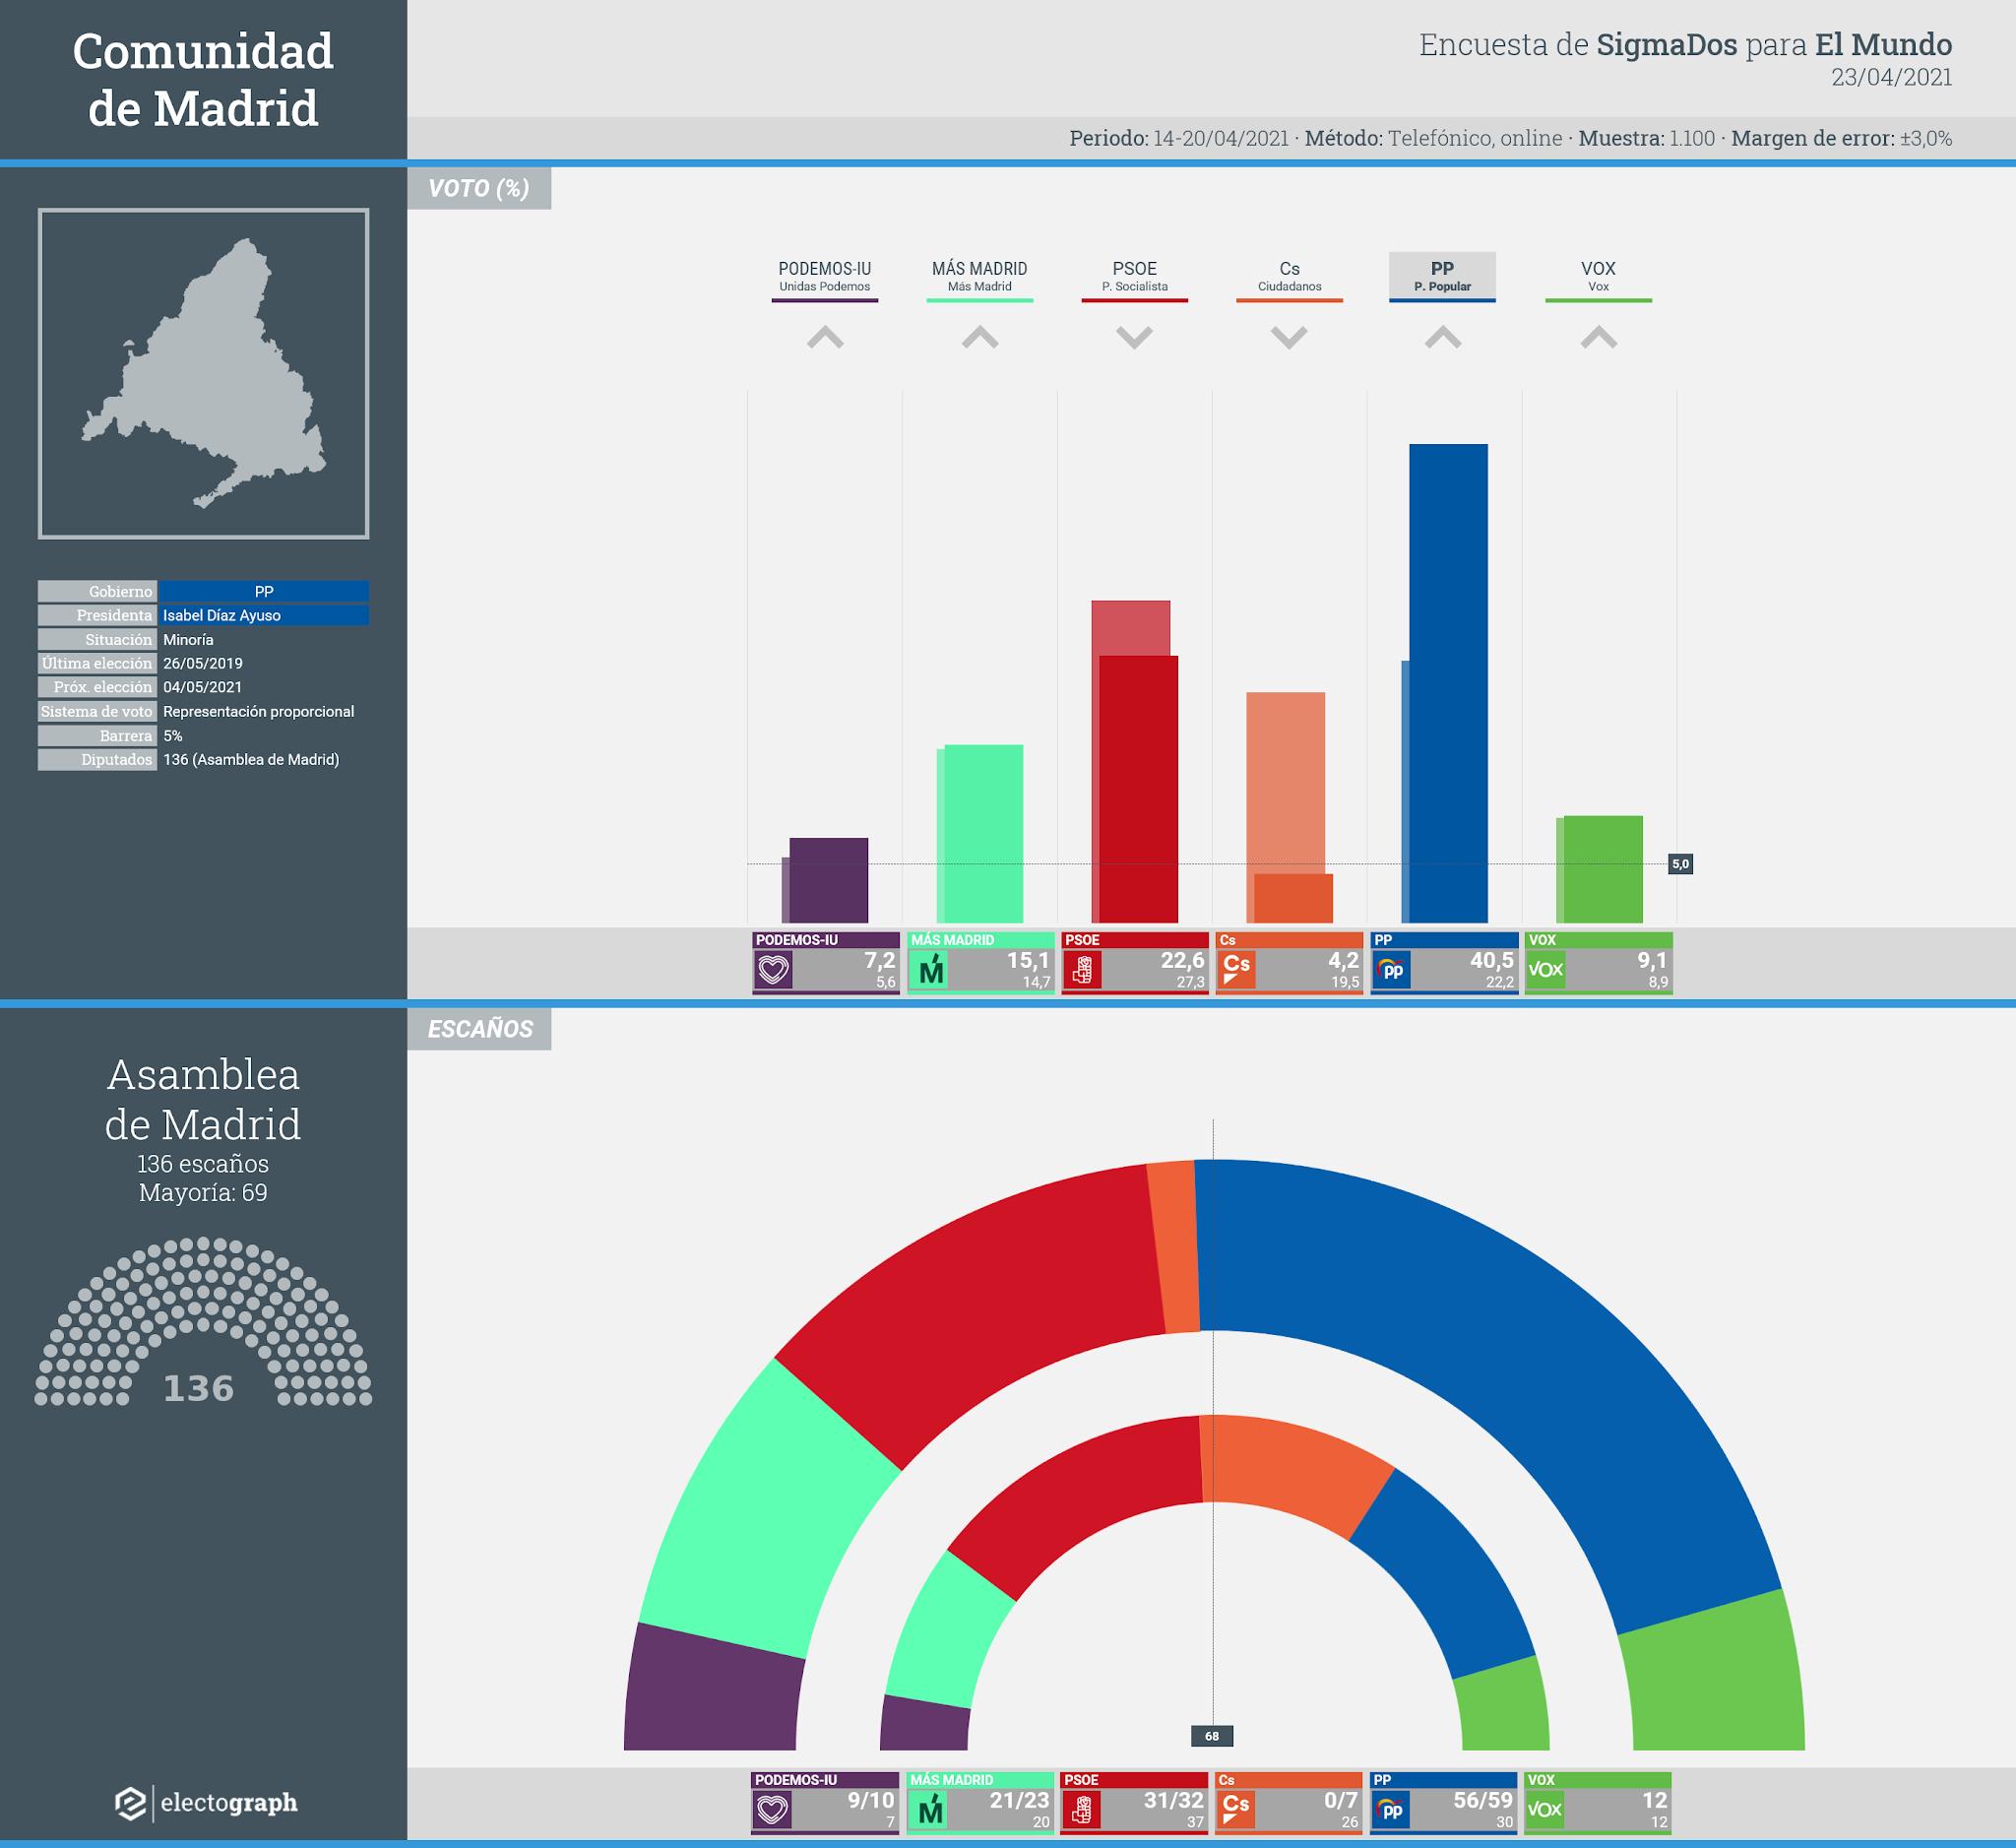 Gráfico de la encuesta para elecciones autonómicas en la Comunidad de Madrid realizada por SigmaDos para El Mundo, 23 de abril de 2021